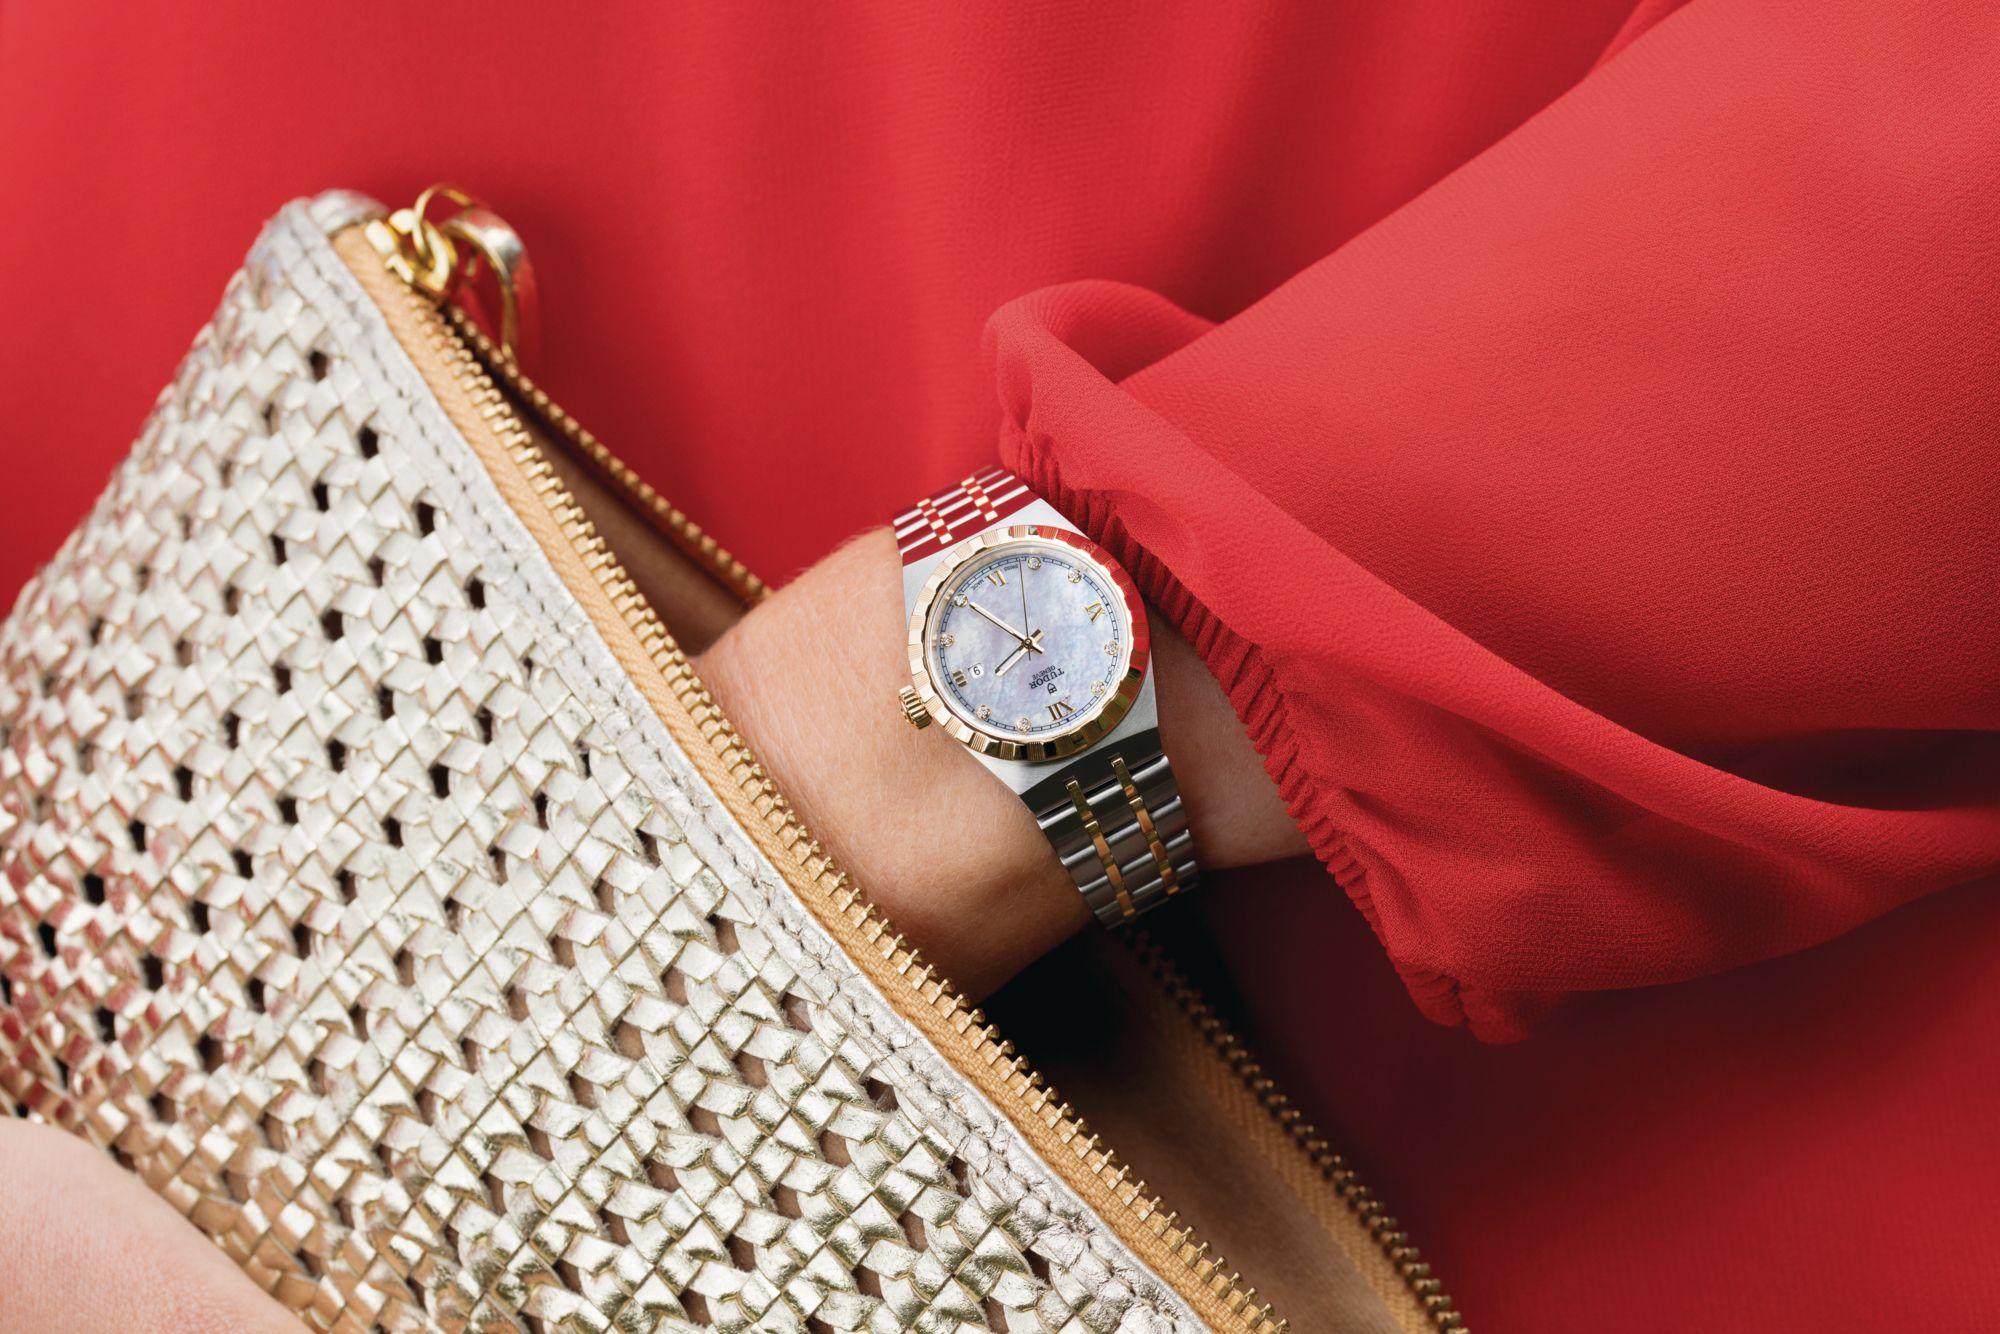 Điểm qua những mẫu đồng hồ sang trọng tuyệt vời ra mắt trong tháng 10/2020